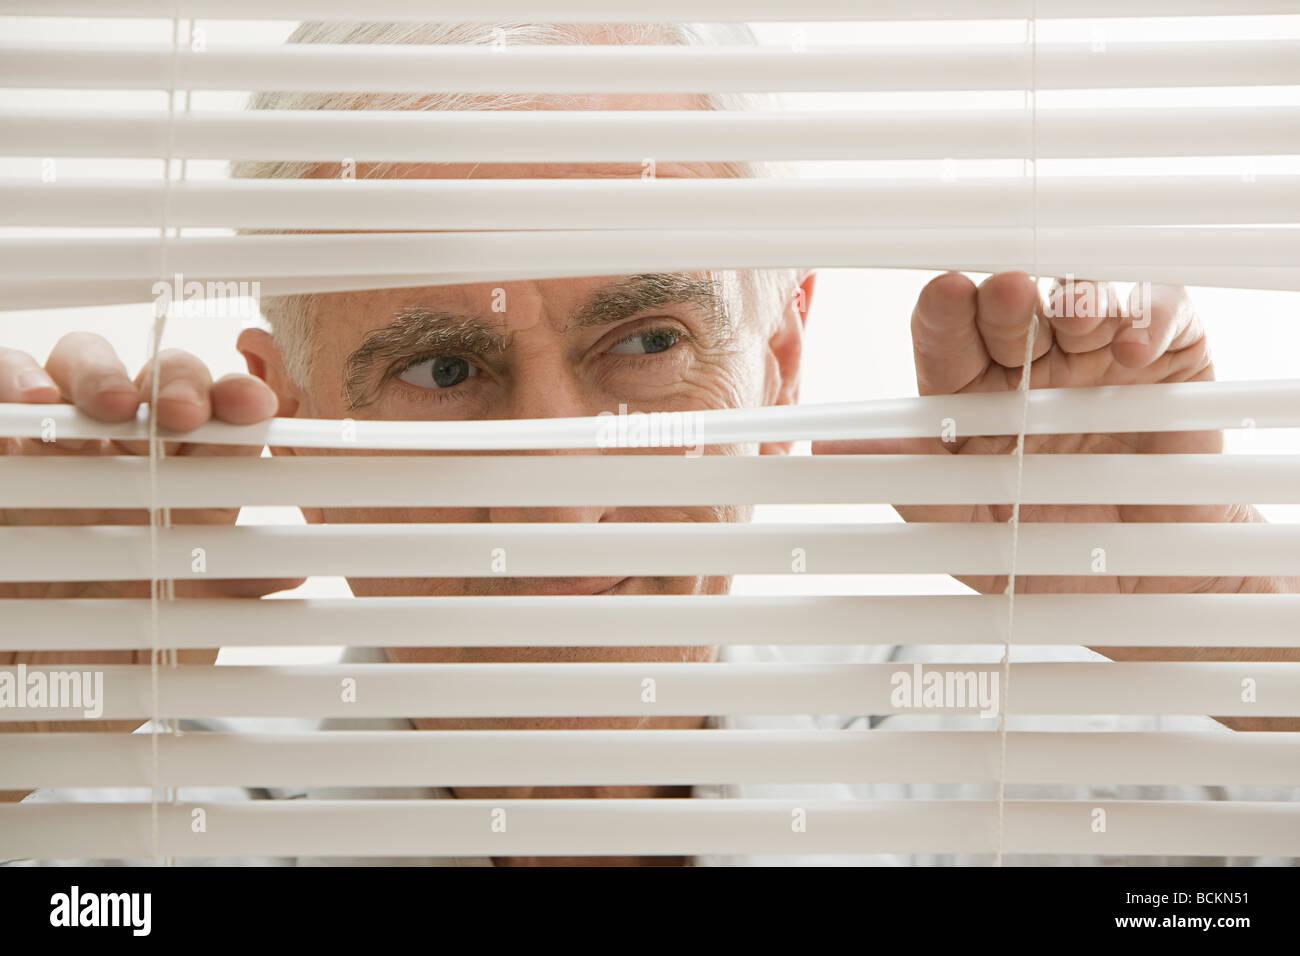 Mann auf der Suche durch Jalousien Stockbild